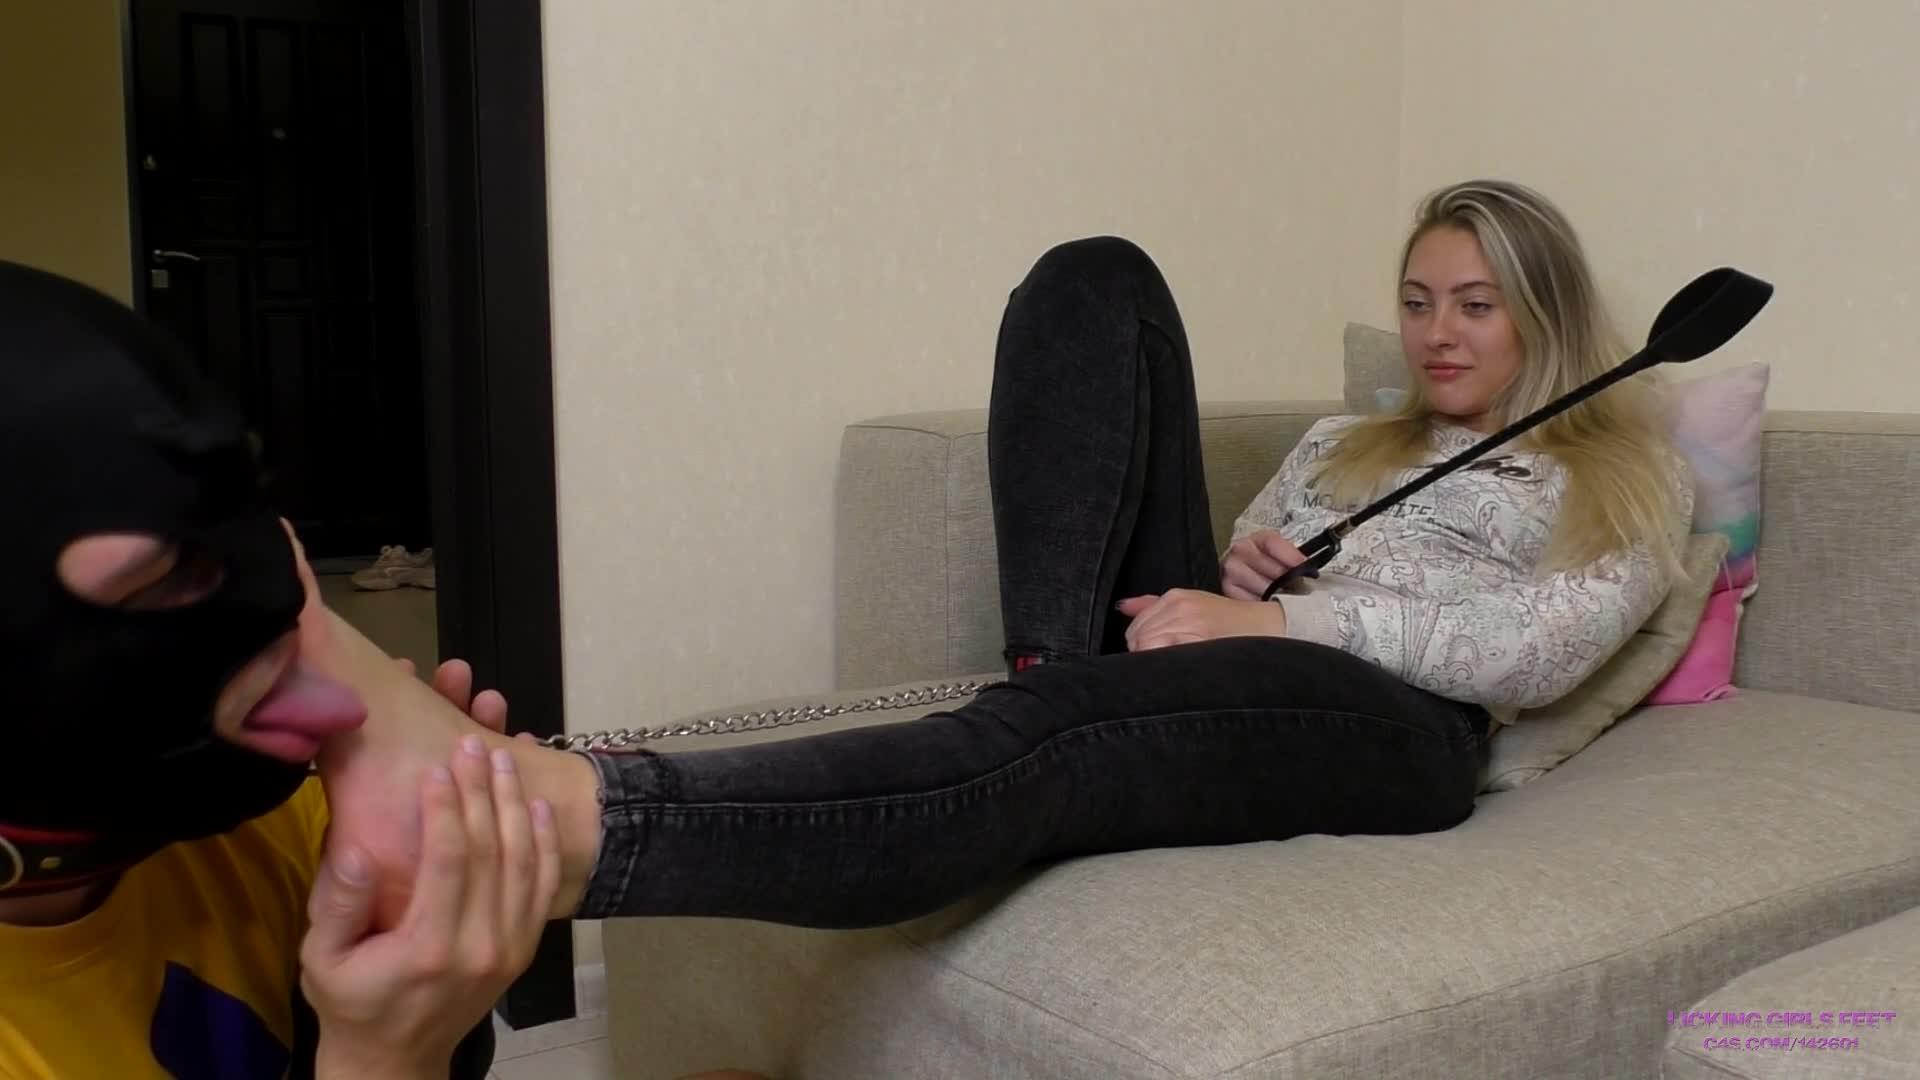 Asian Lesbian Licking Feet Ass